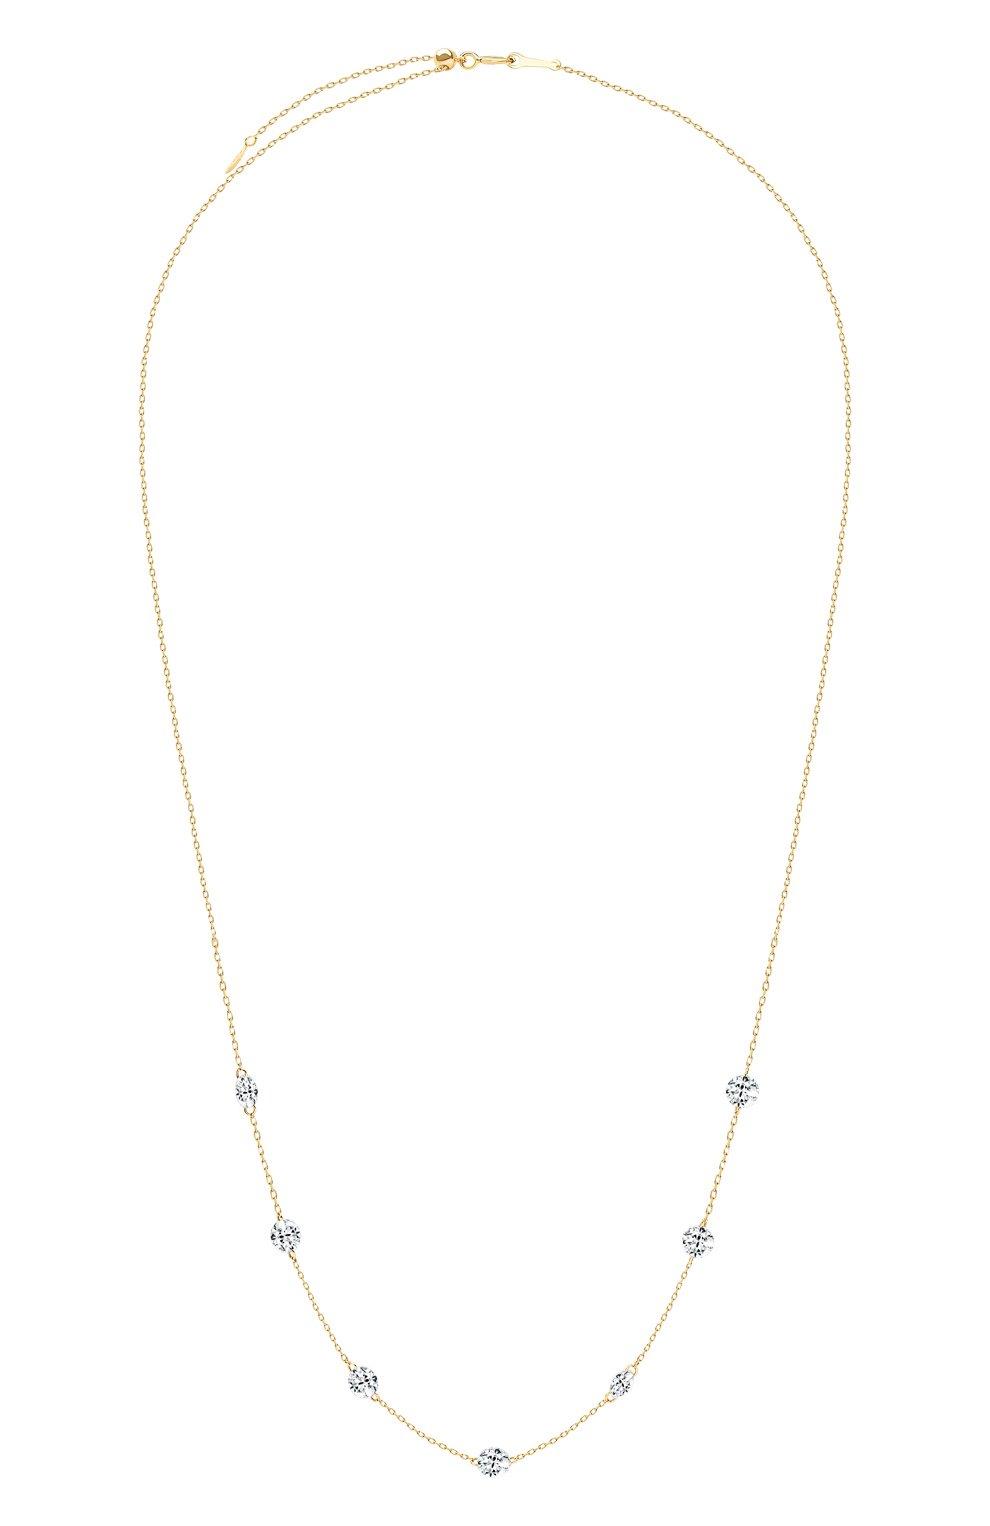 Женские колье PERSEE PARIS бесцветного цвета, арт. N6441-YG | Фото 1 (Драгоценные камни: Бриллианты; Материал сплава: Желтое золото)